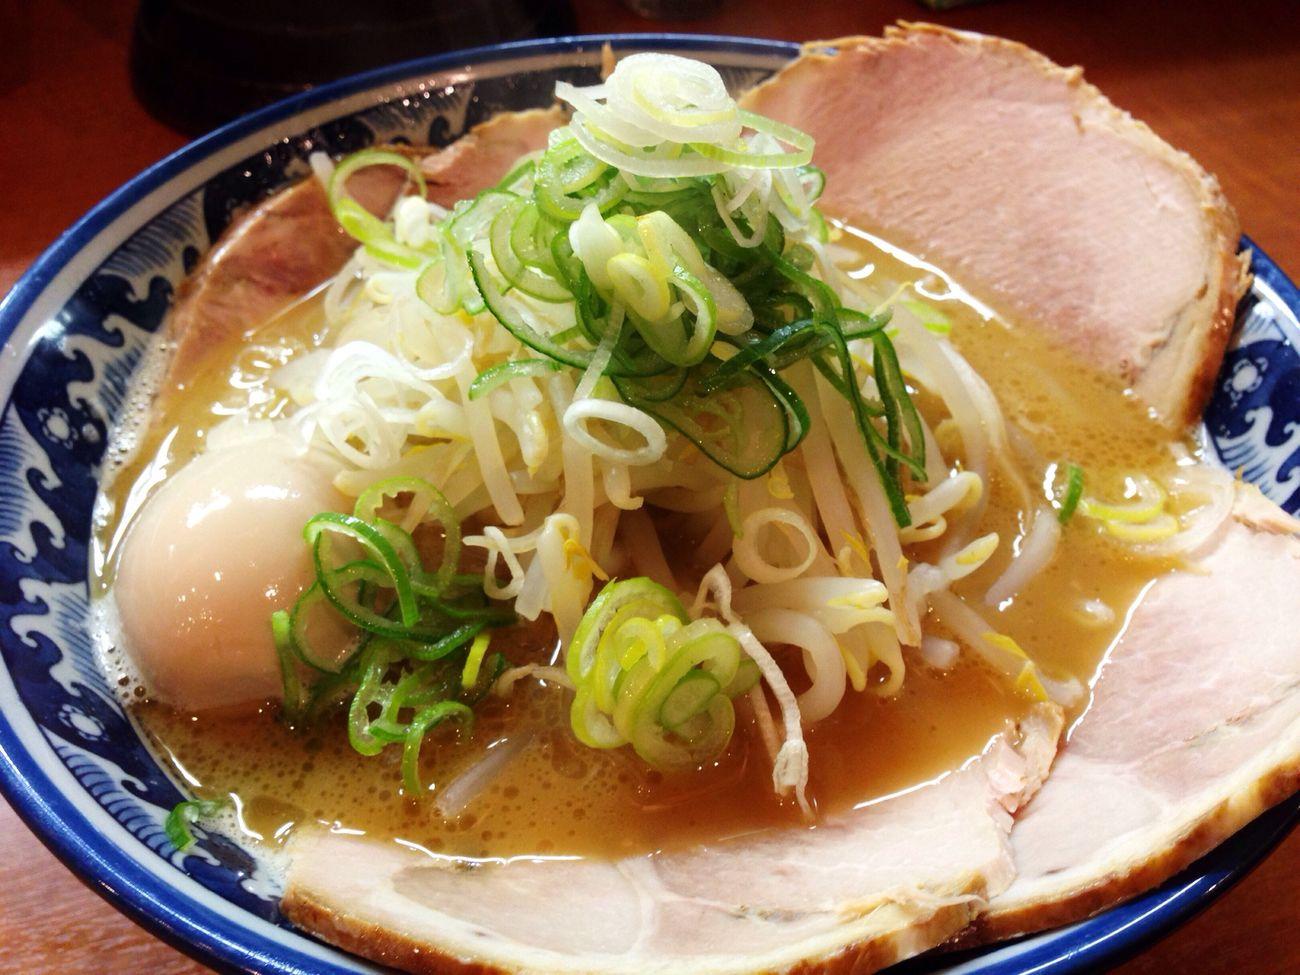 Enjoying A Meal ラーメン Noodles Ramen